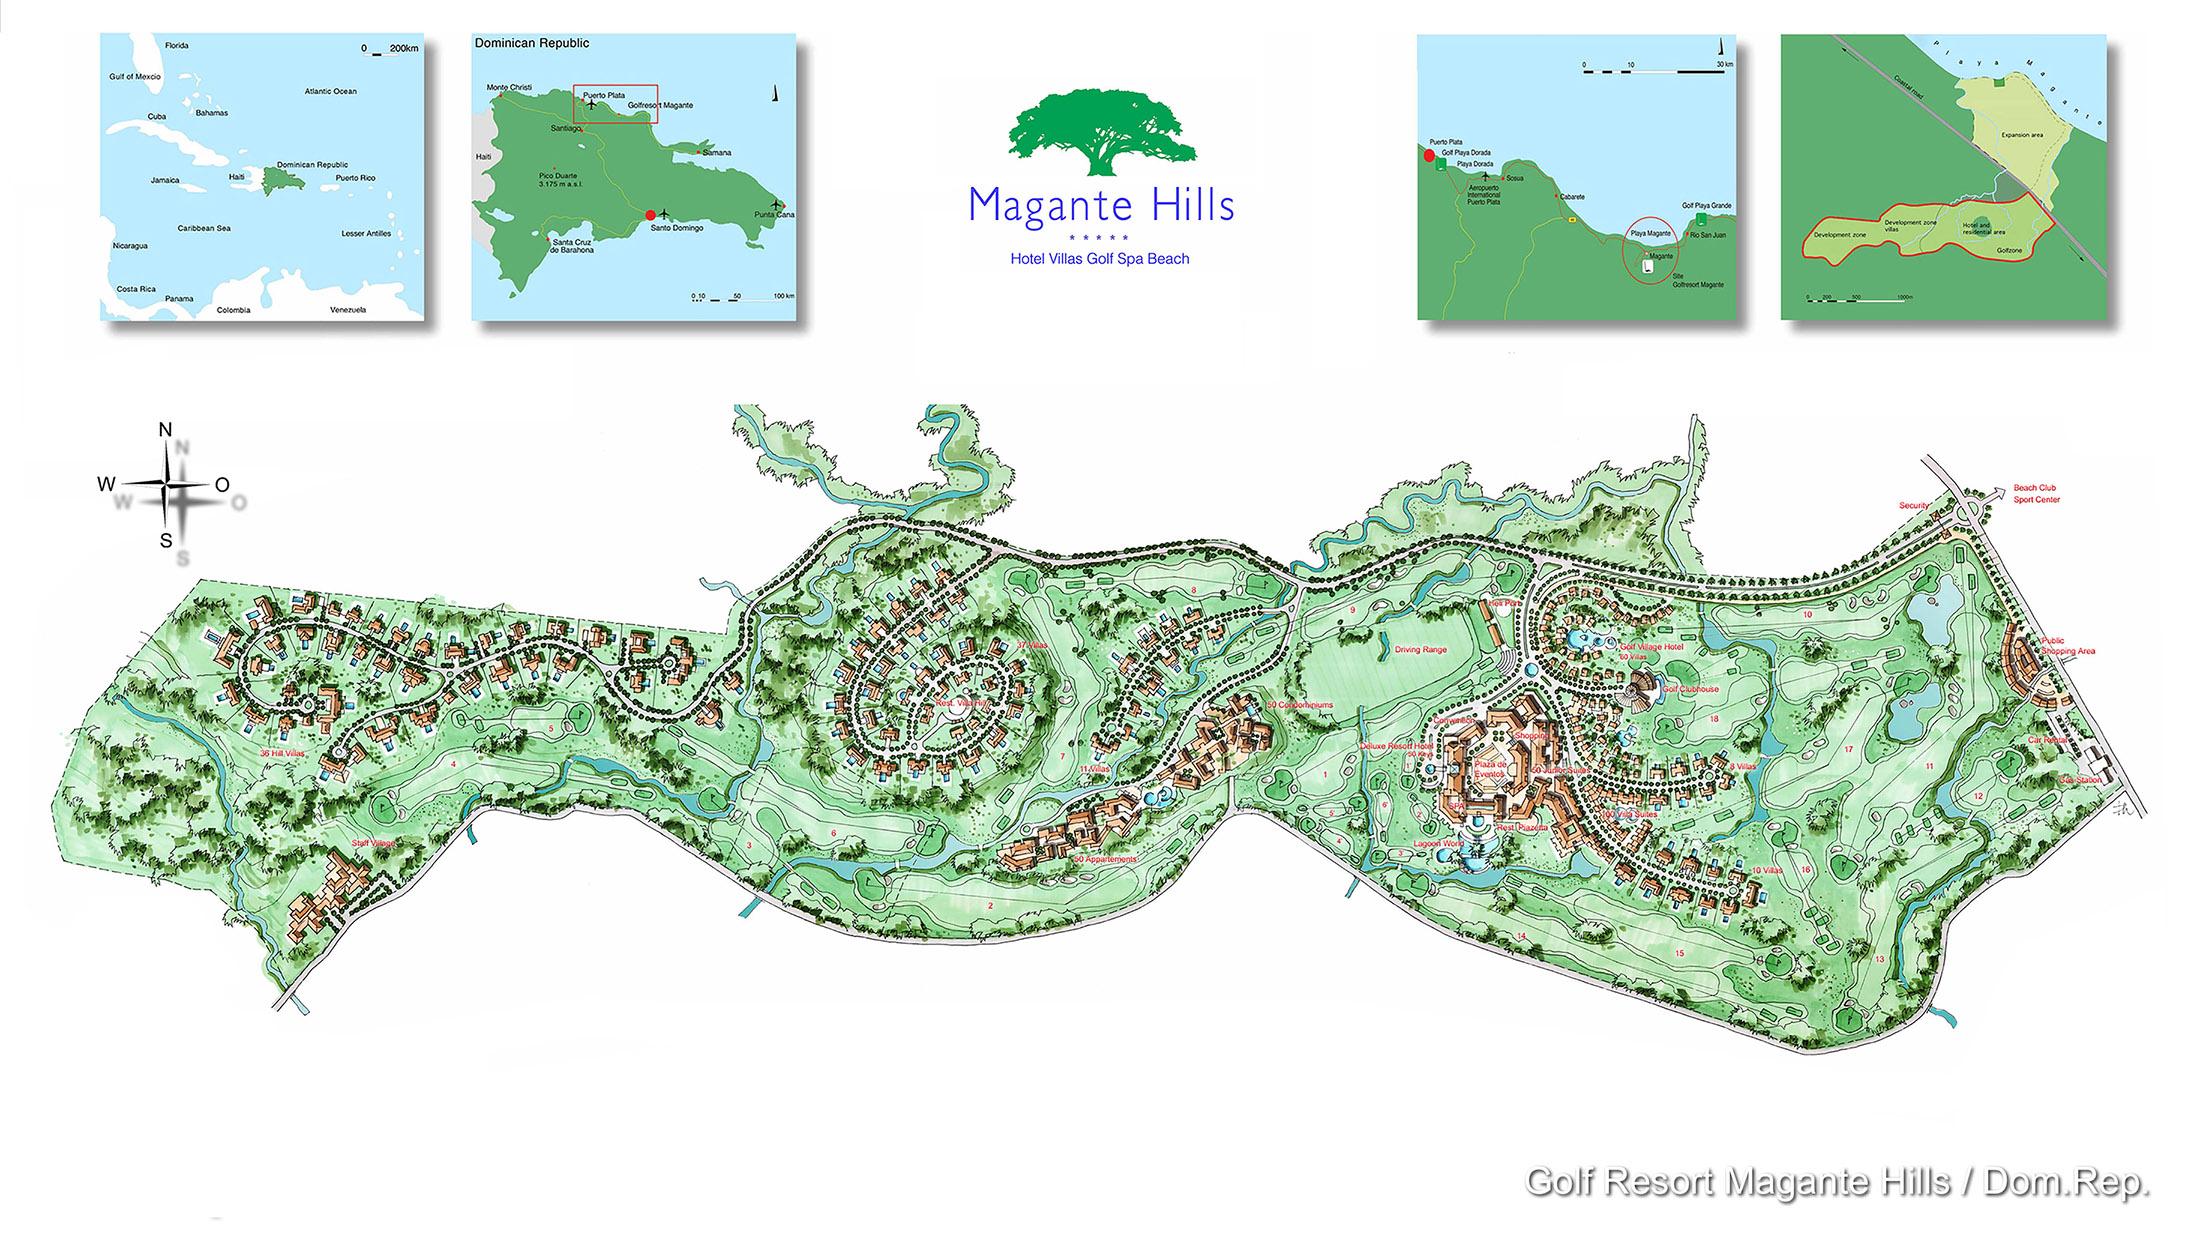 3_Magante Hills